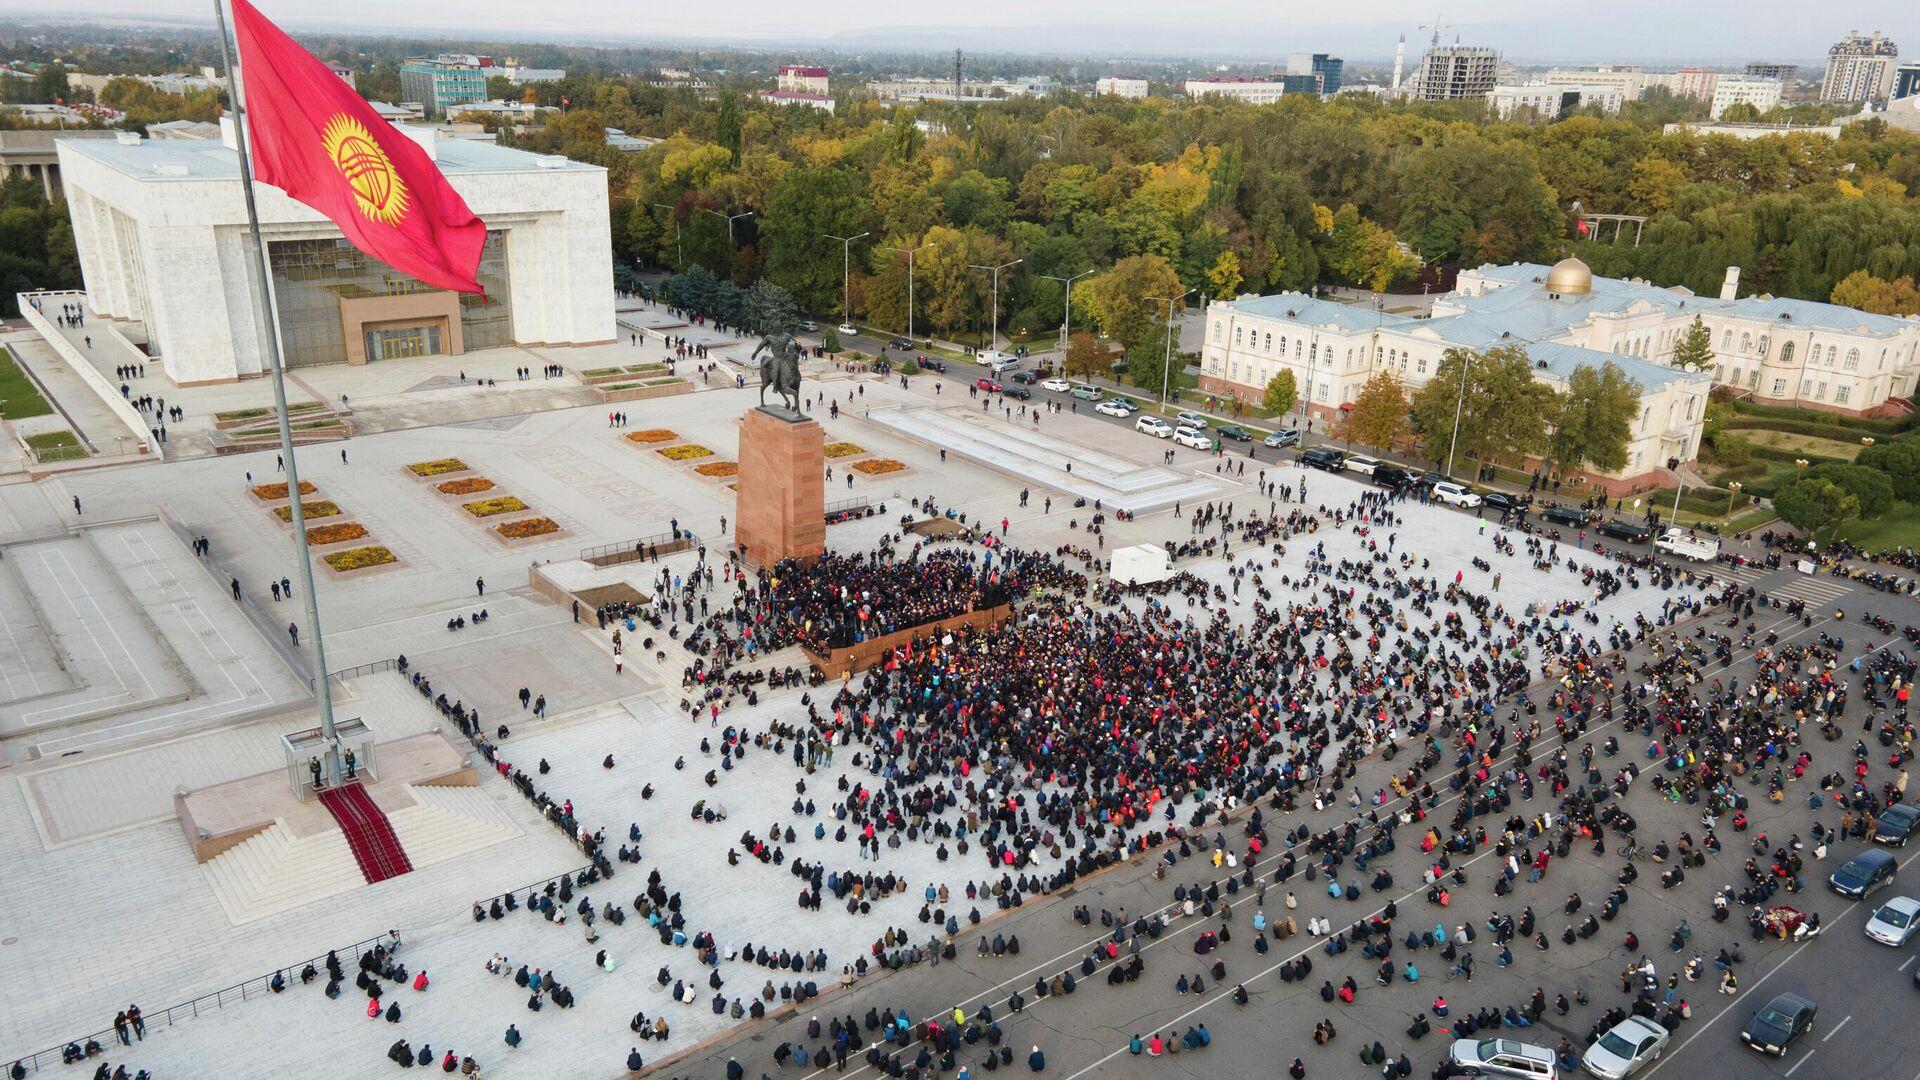 Ситуация в центре Бишкека - РИА Новости, 1920, 14.11.2020